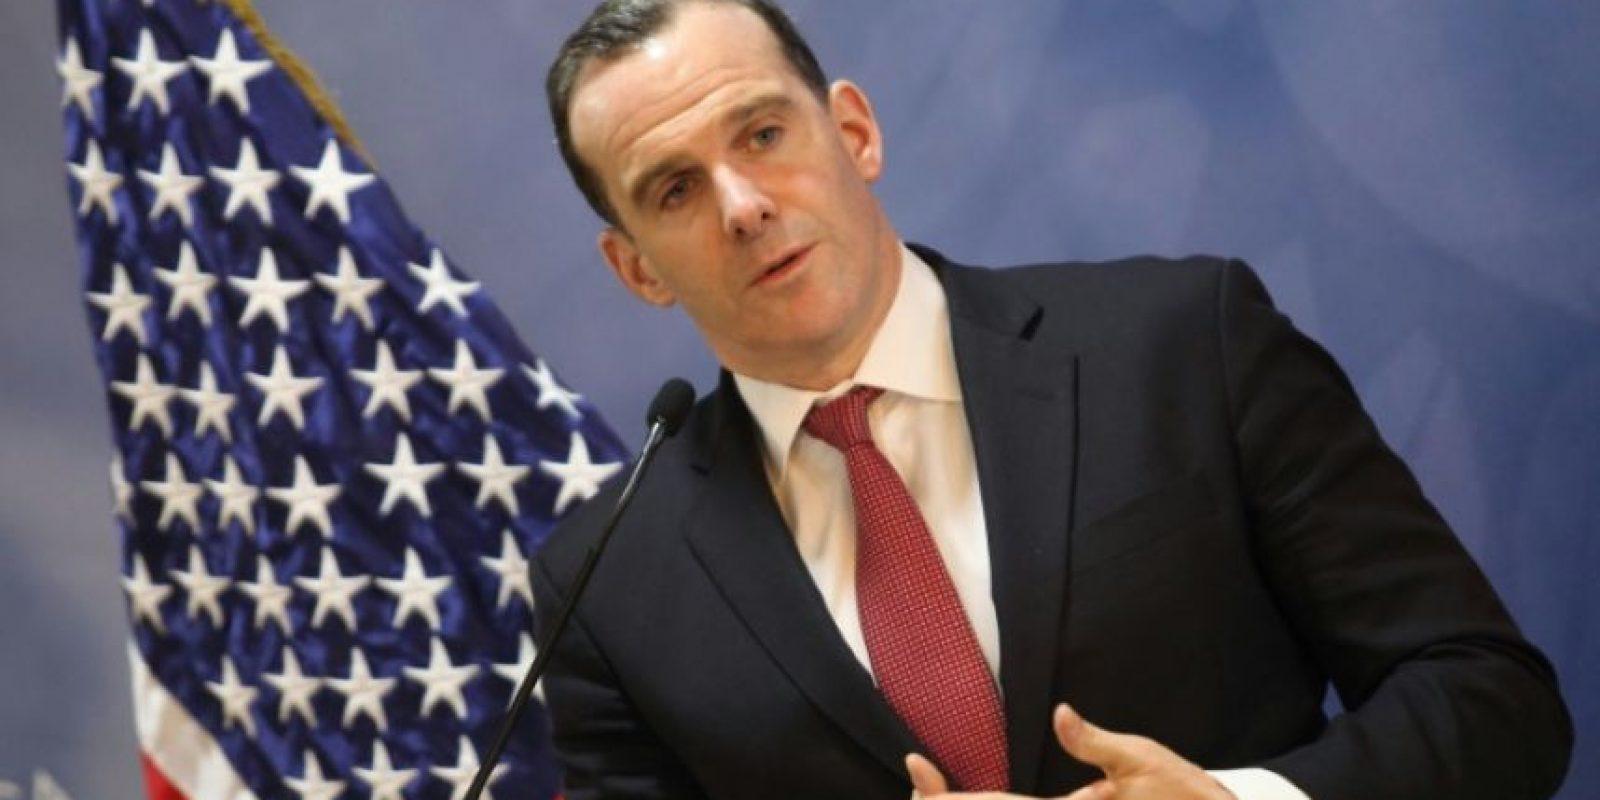 El enviado estadounidense de la coalición internacional contra el grupo Estado Islámico durante una conferencia de prensa en Ammán, el 6 de noviembre de 2016. Foto:AHMAD ABDO/afp.com